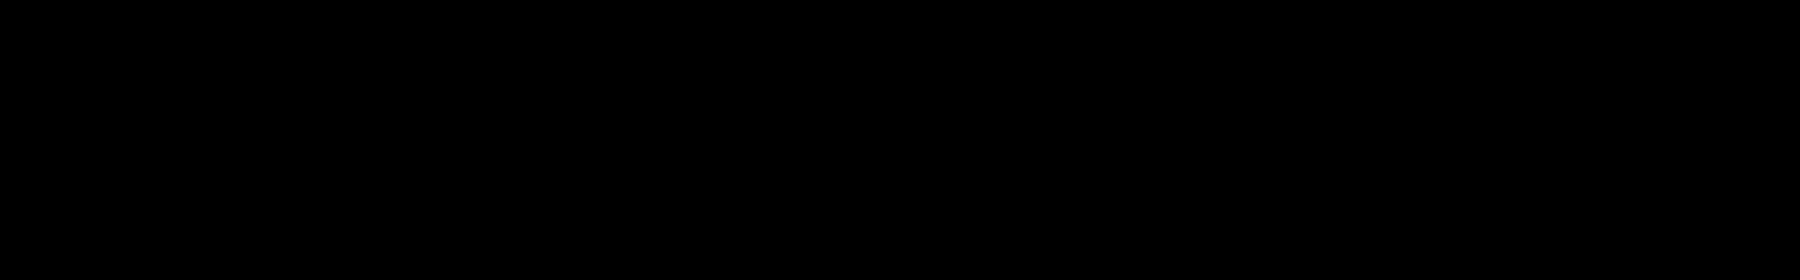 YEEZY GOSPEL audio waveform